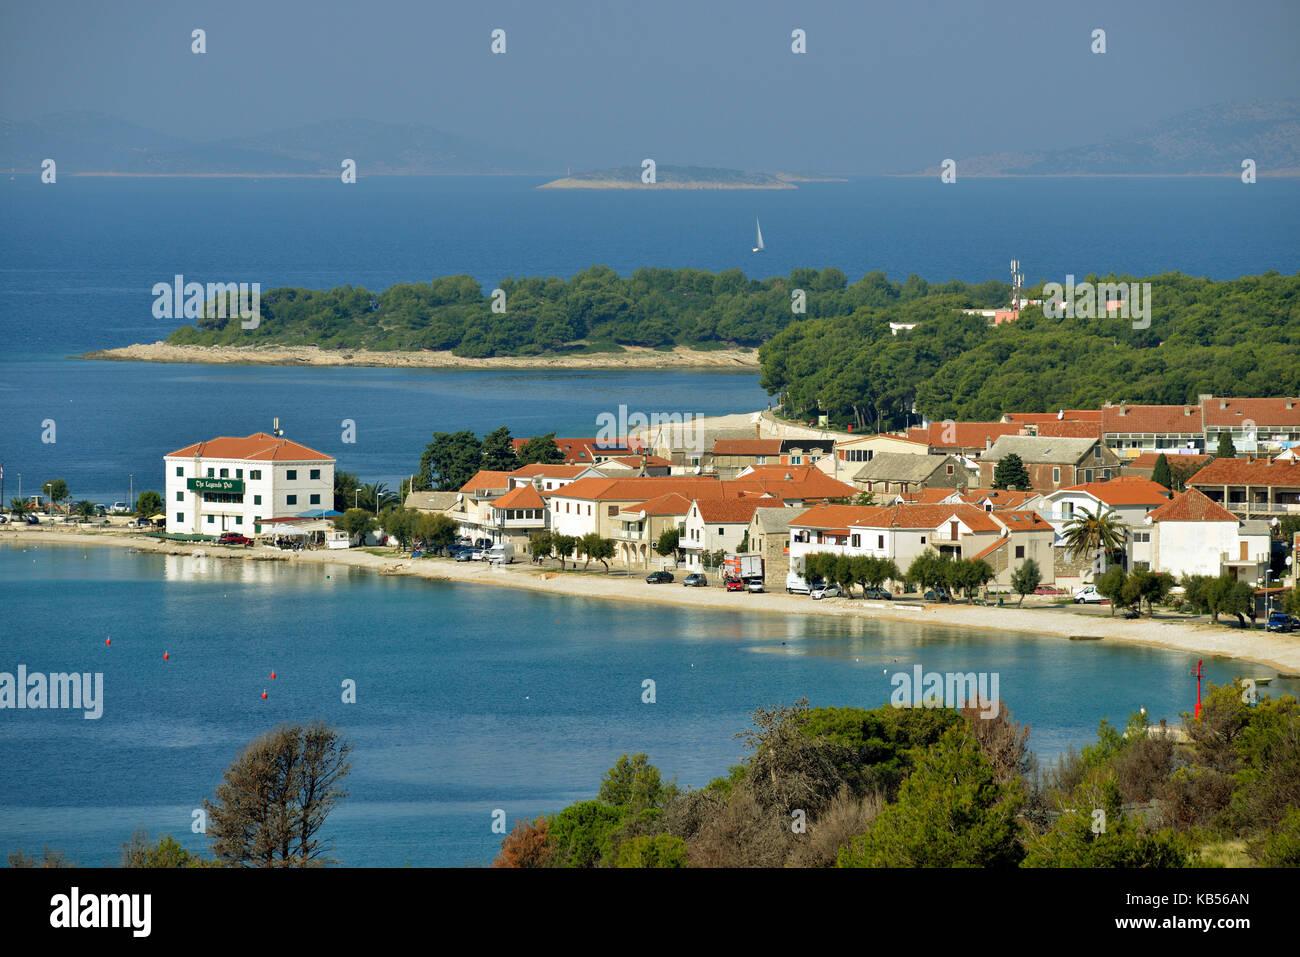 Croatia, Dalmatia, Dalmatian Coast, Primosten - Stock Image